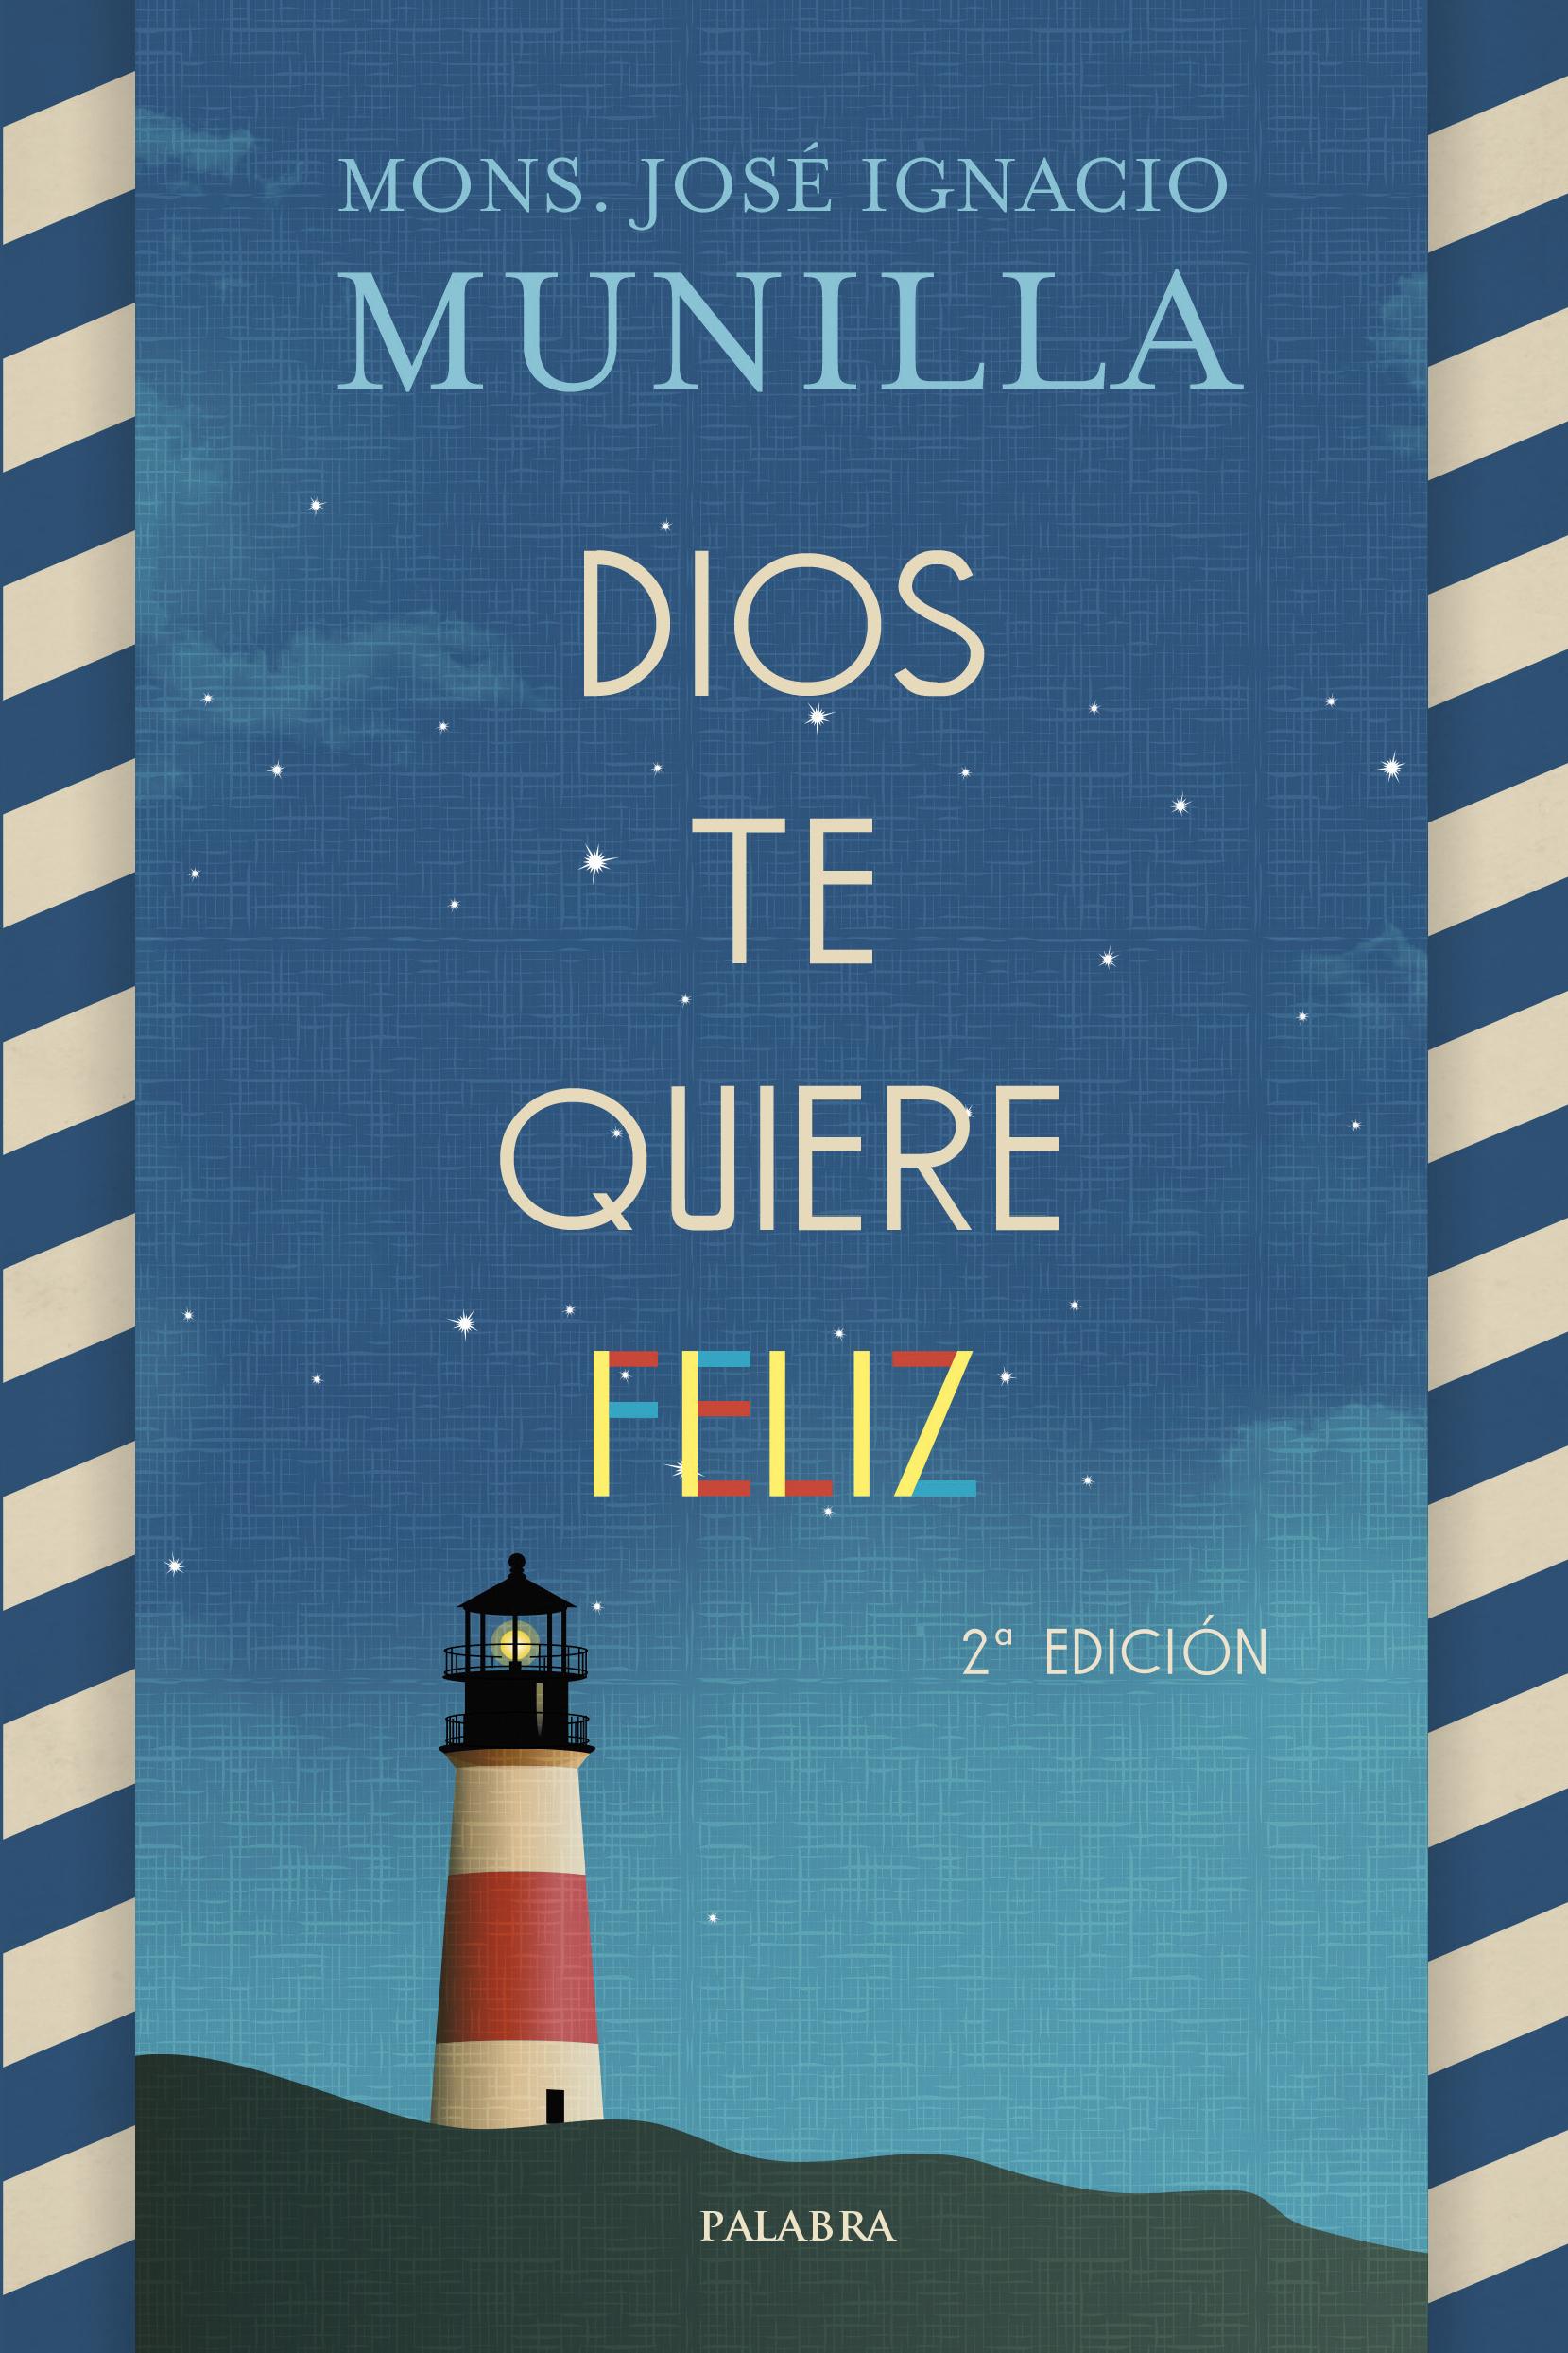 munilla_libro_dios_te_quiere_feliz